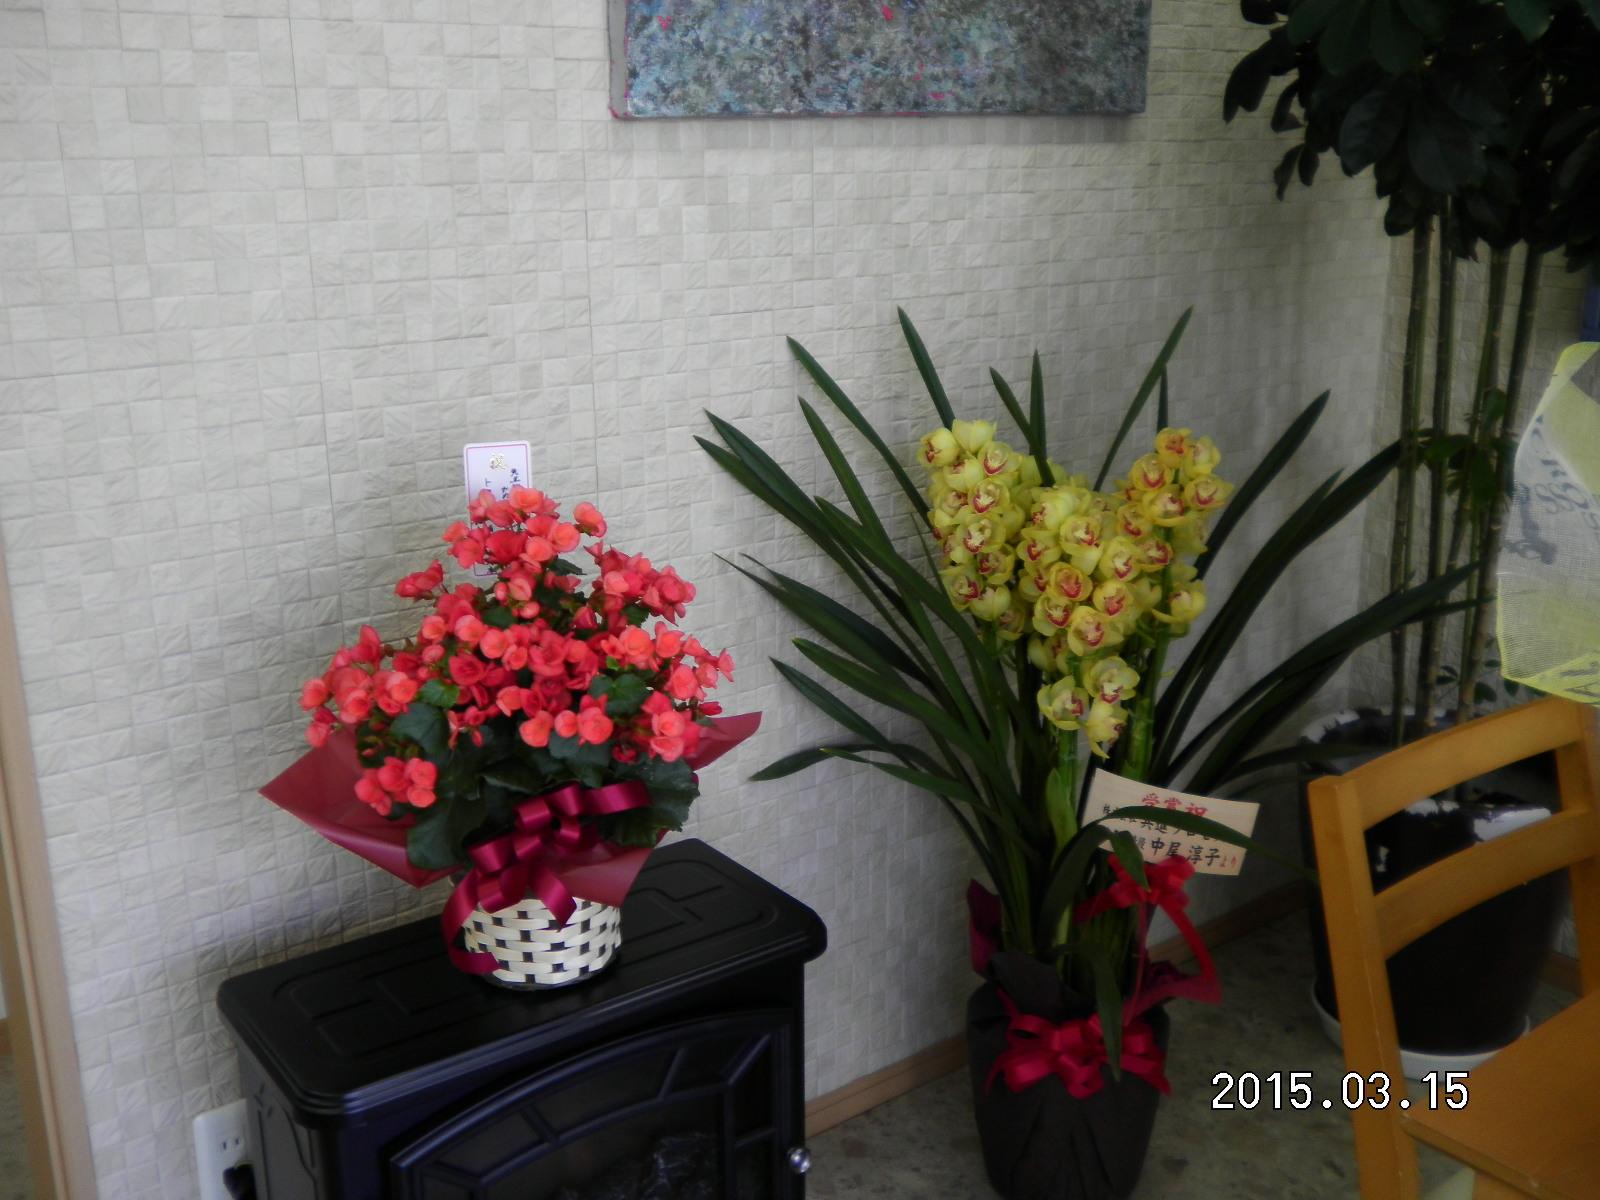 たくさんのお祝いのお花_e0190287_1422585.jpg